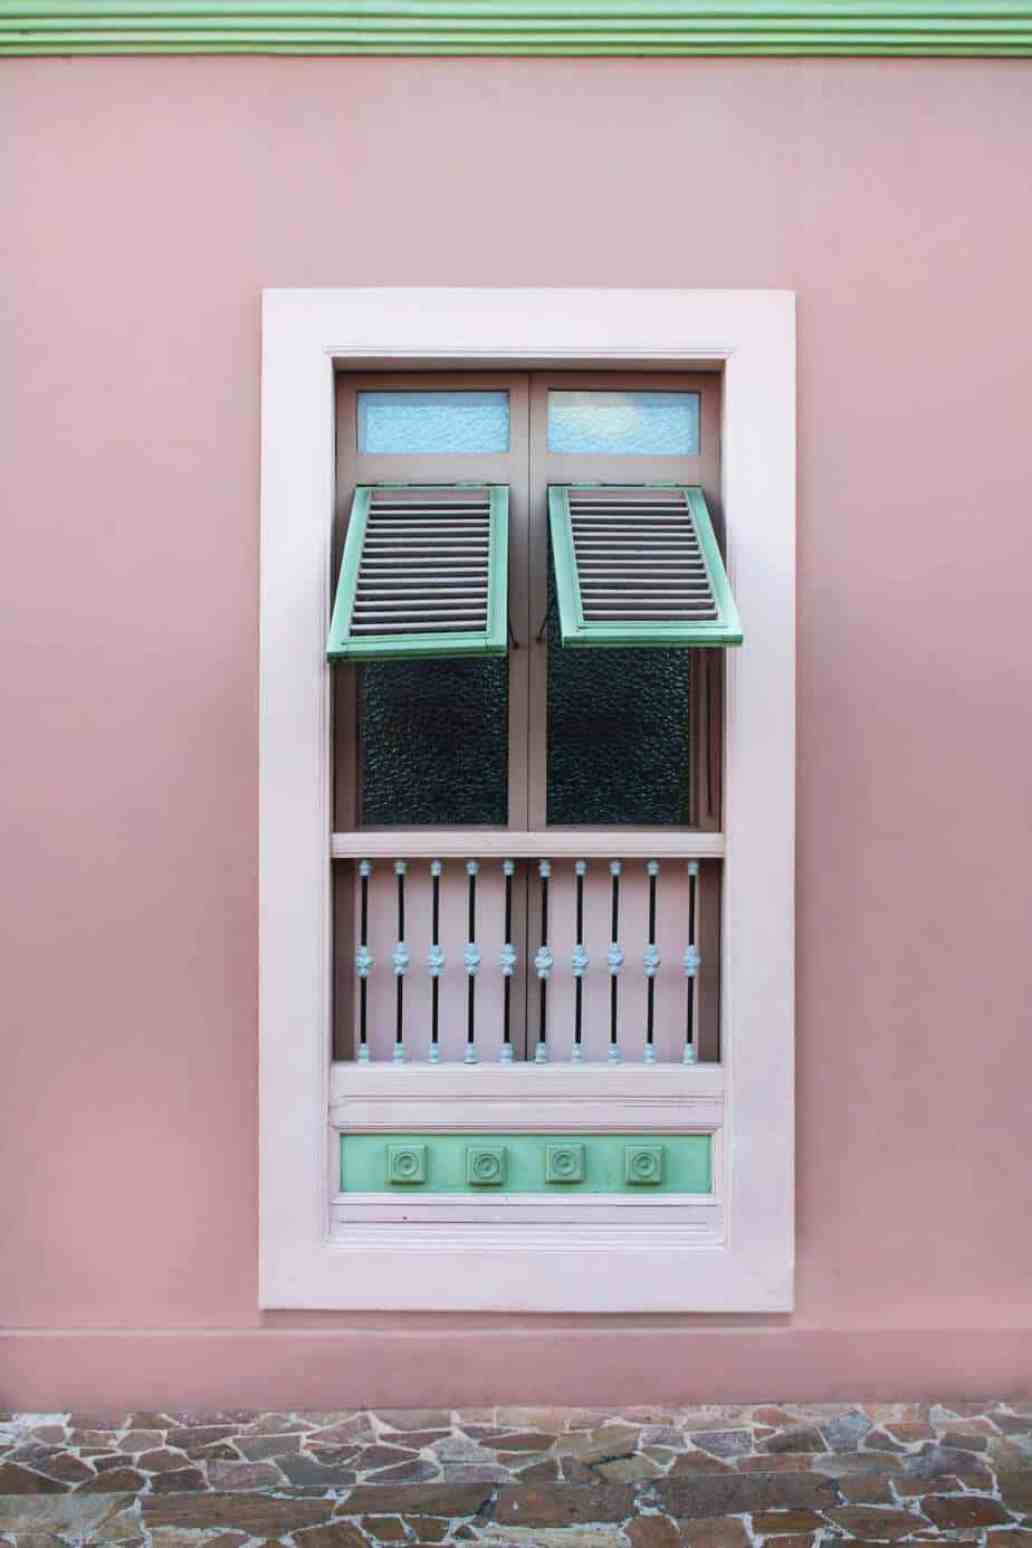 ana paula izurieta 312455 unsplash 2 1365x2048 - 8 gestes simples pour réduire la pollution de l'air intérieur